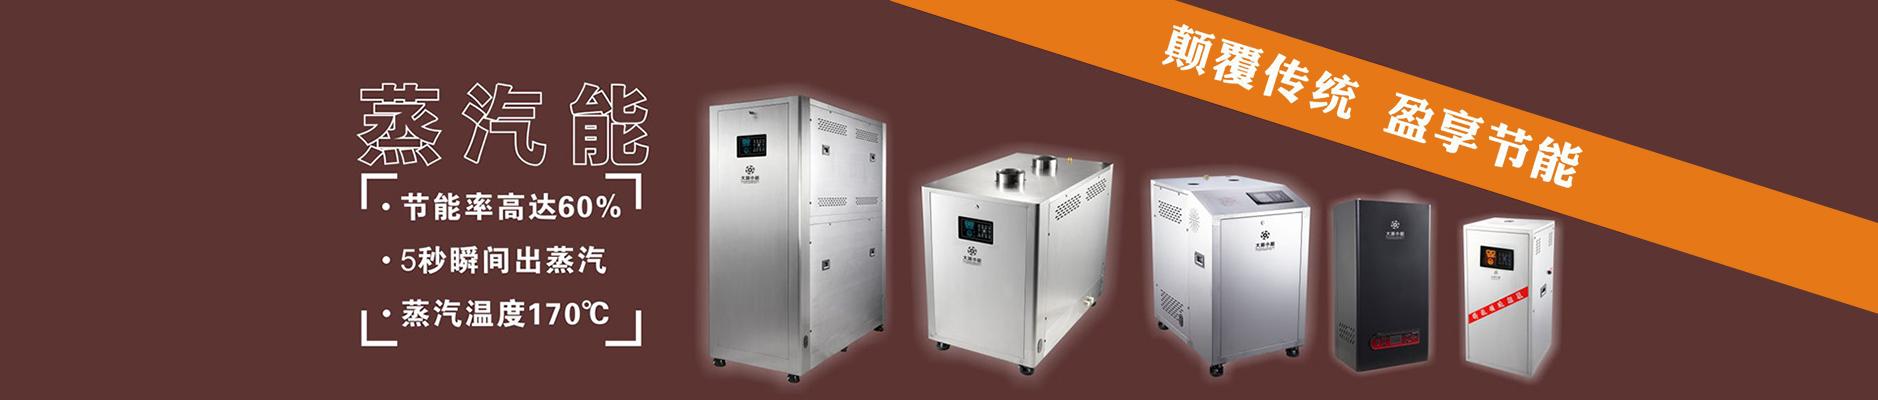 燃气热水机组